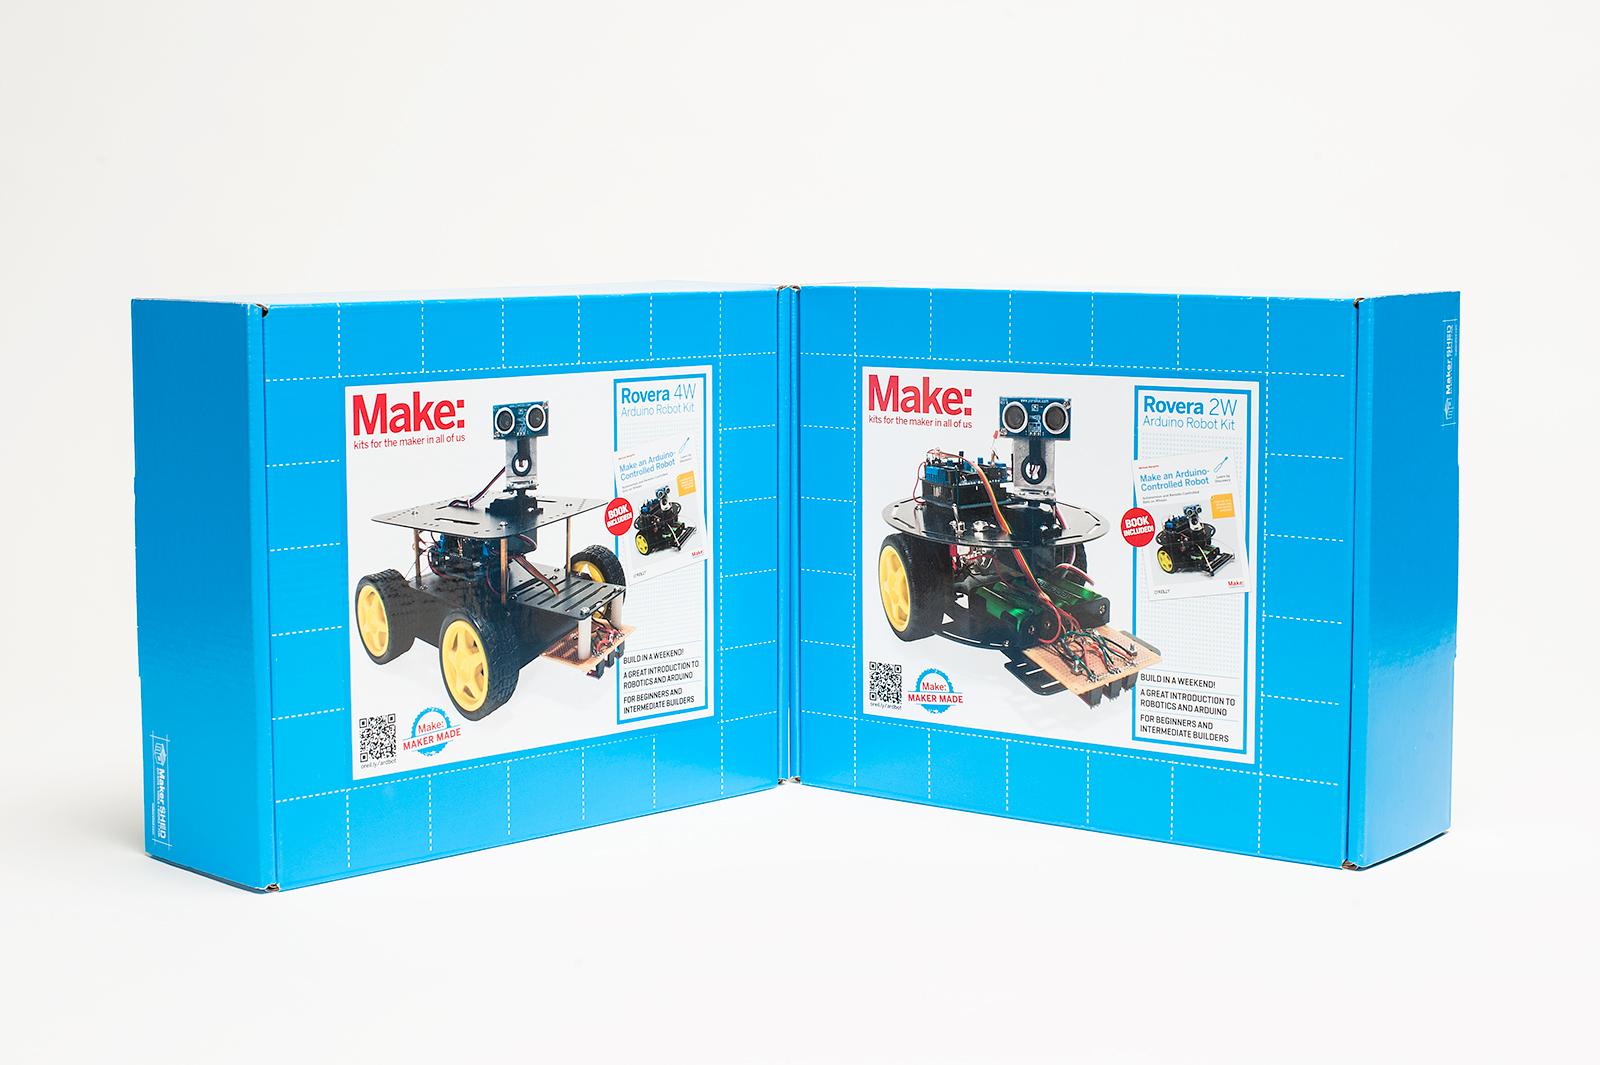 MakerShed_Rovera_BoxPair